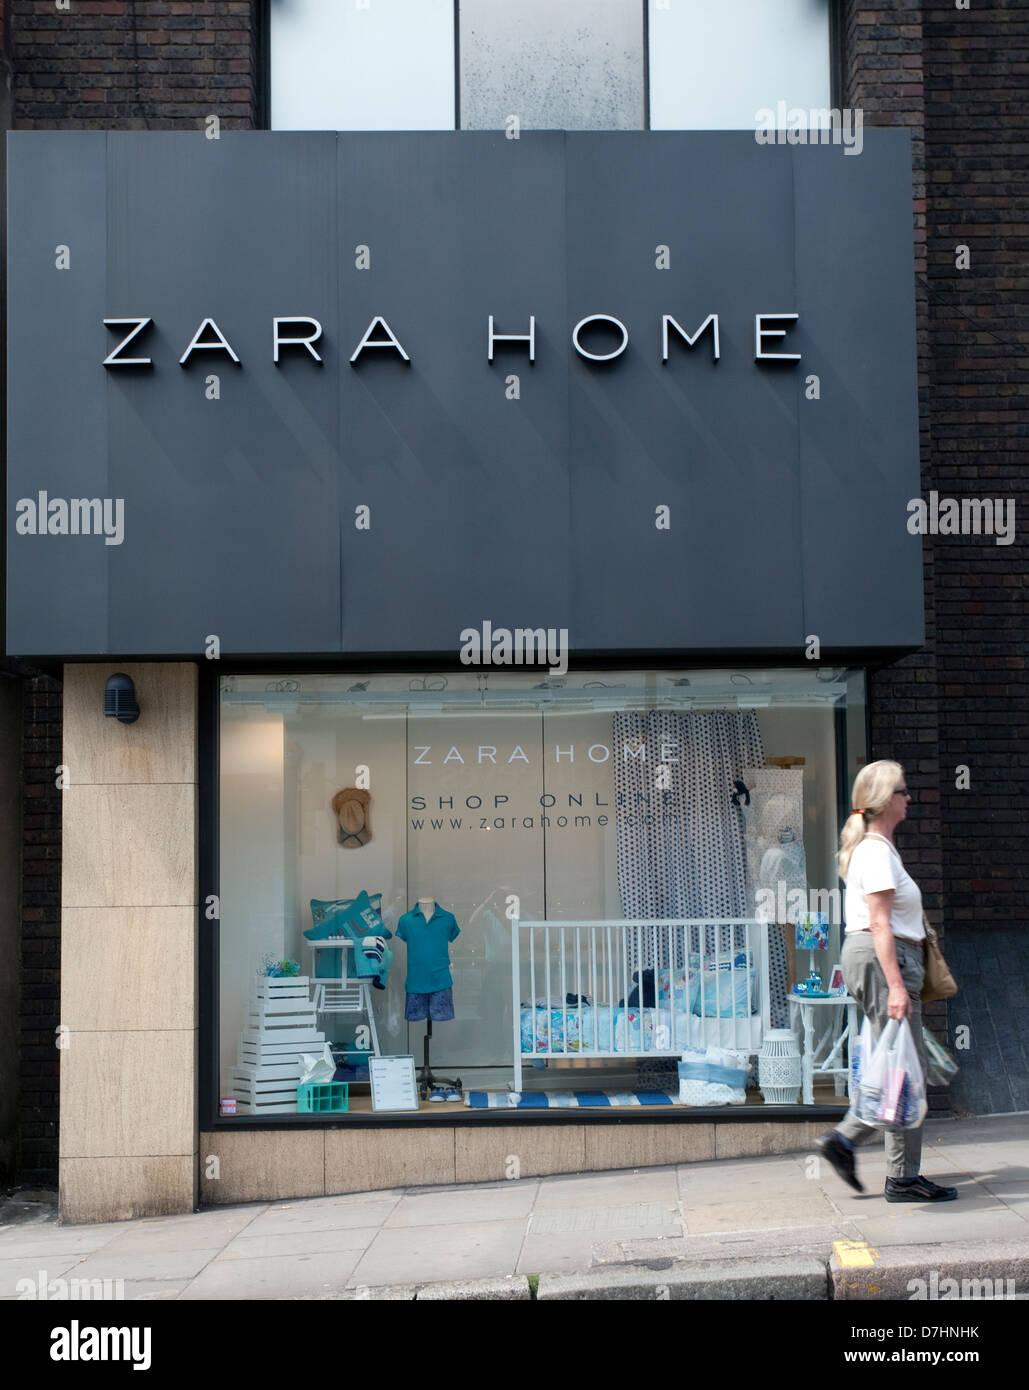 Zara Group Stock Photos   Zara Group Stock Images - Alamy 7c2b84c8bd5